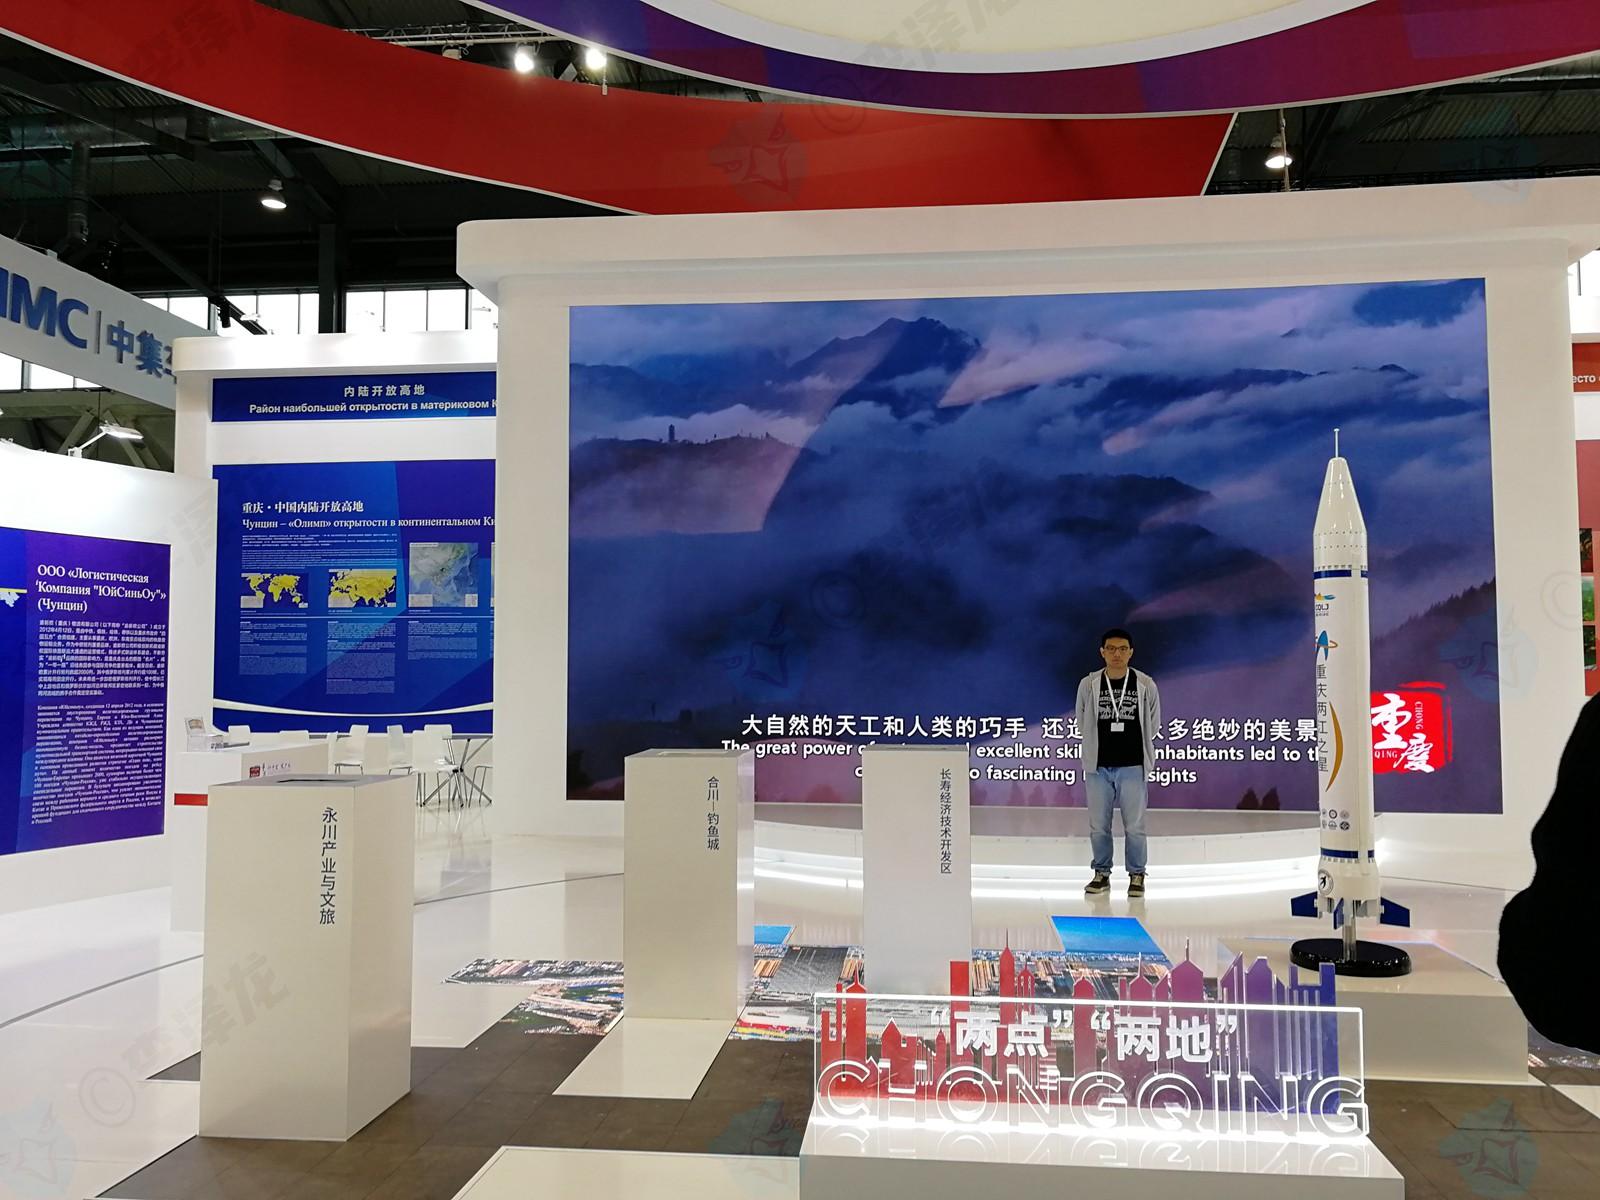 参加俄罗斯工业博览会(俄罗斯创新工业展)是什么体验?插图25-小狮座俄罗斯留学